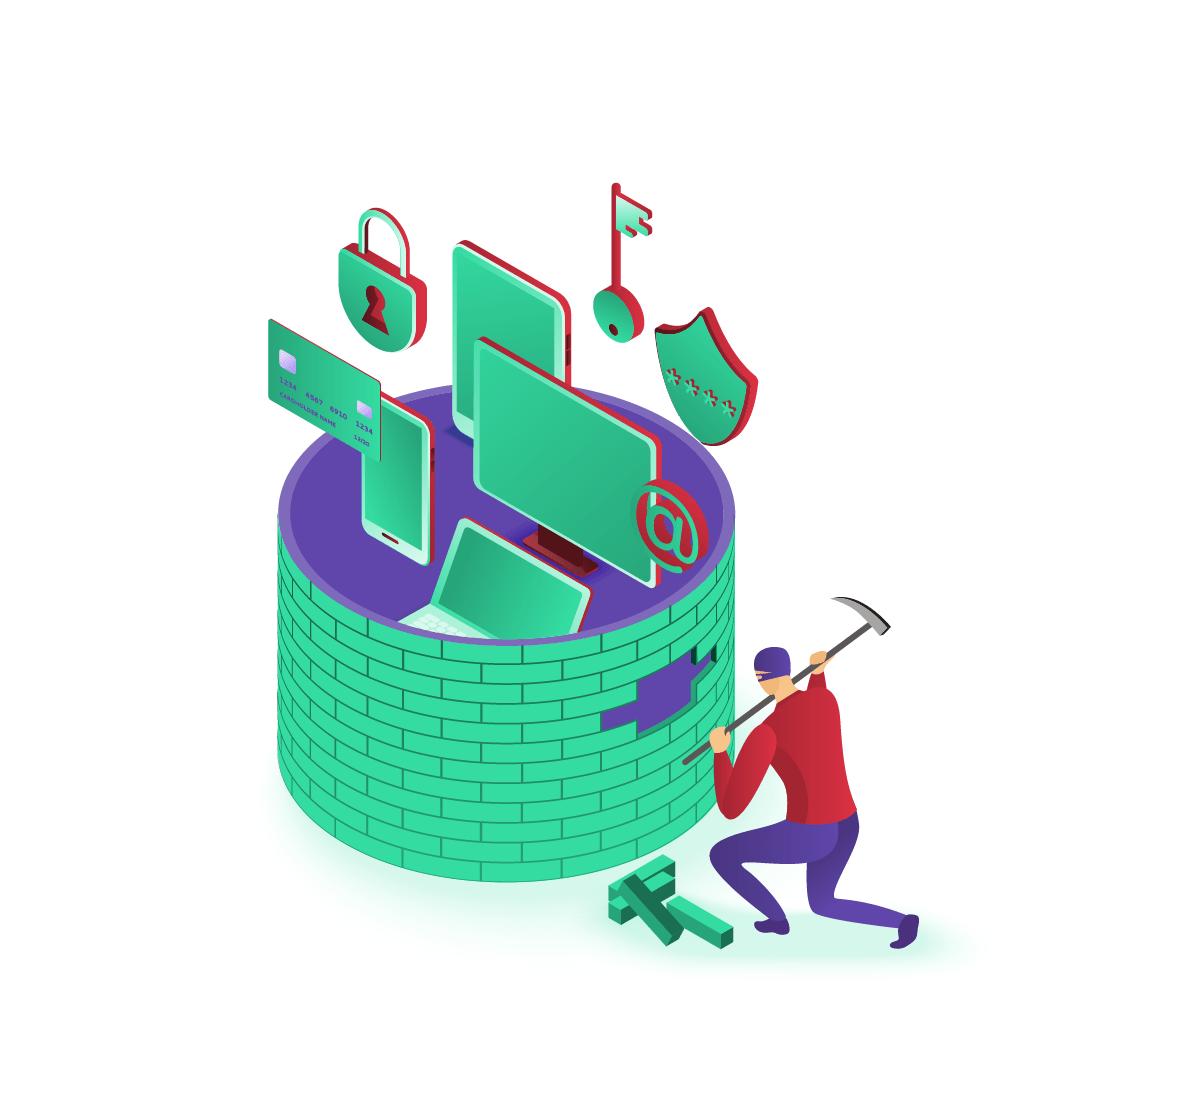 voordelen van telewerken cybercriminaliteit